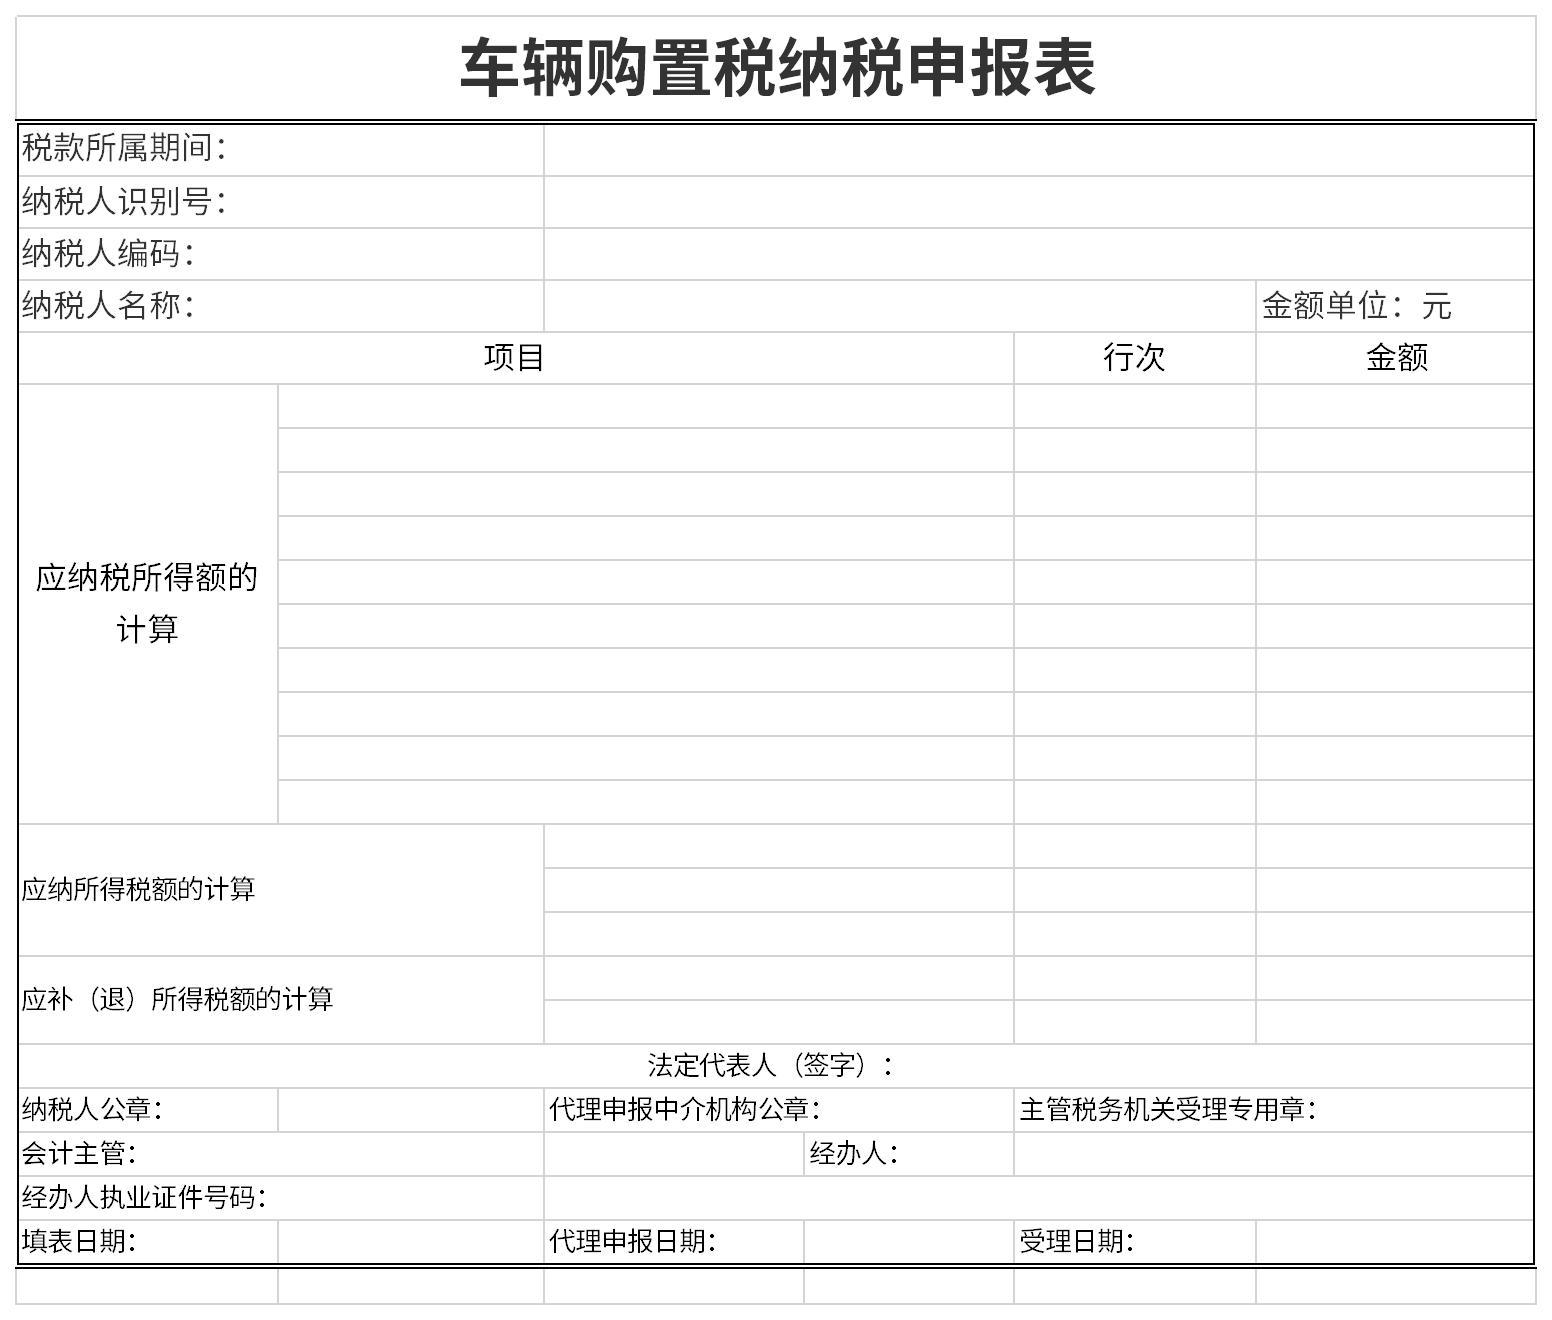 车辆购置税纳税申报表截图